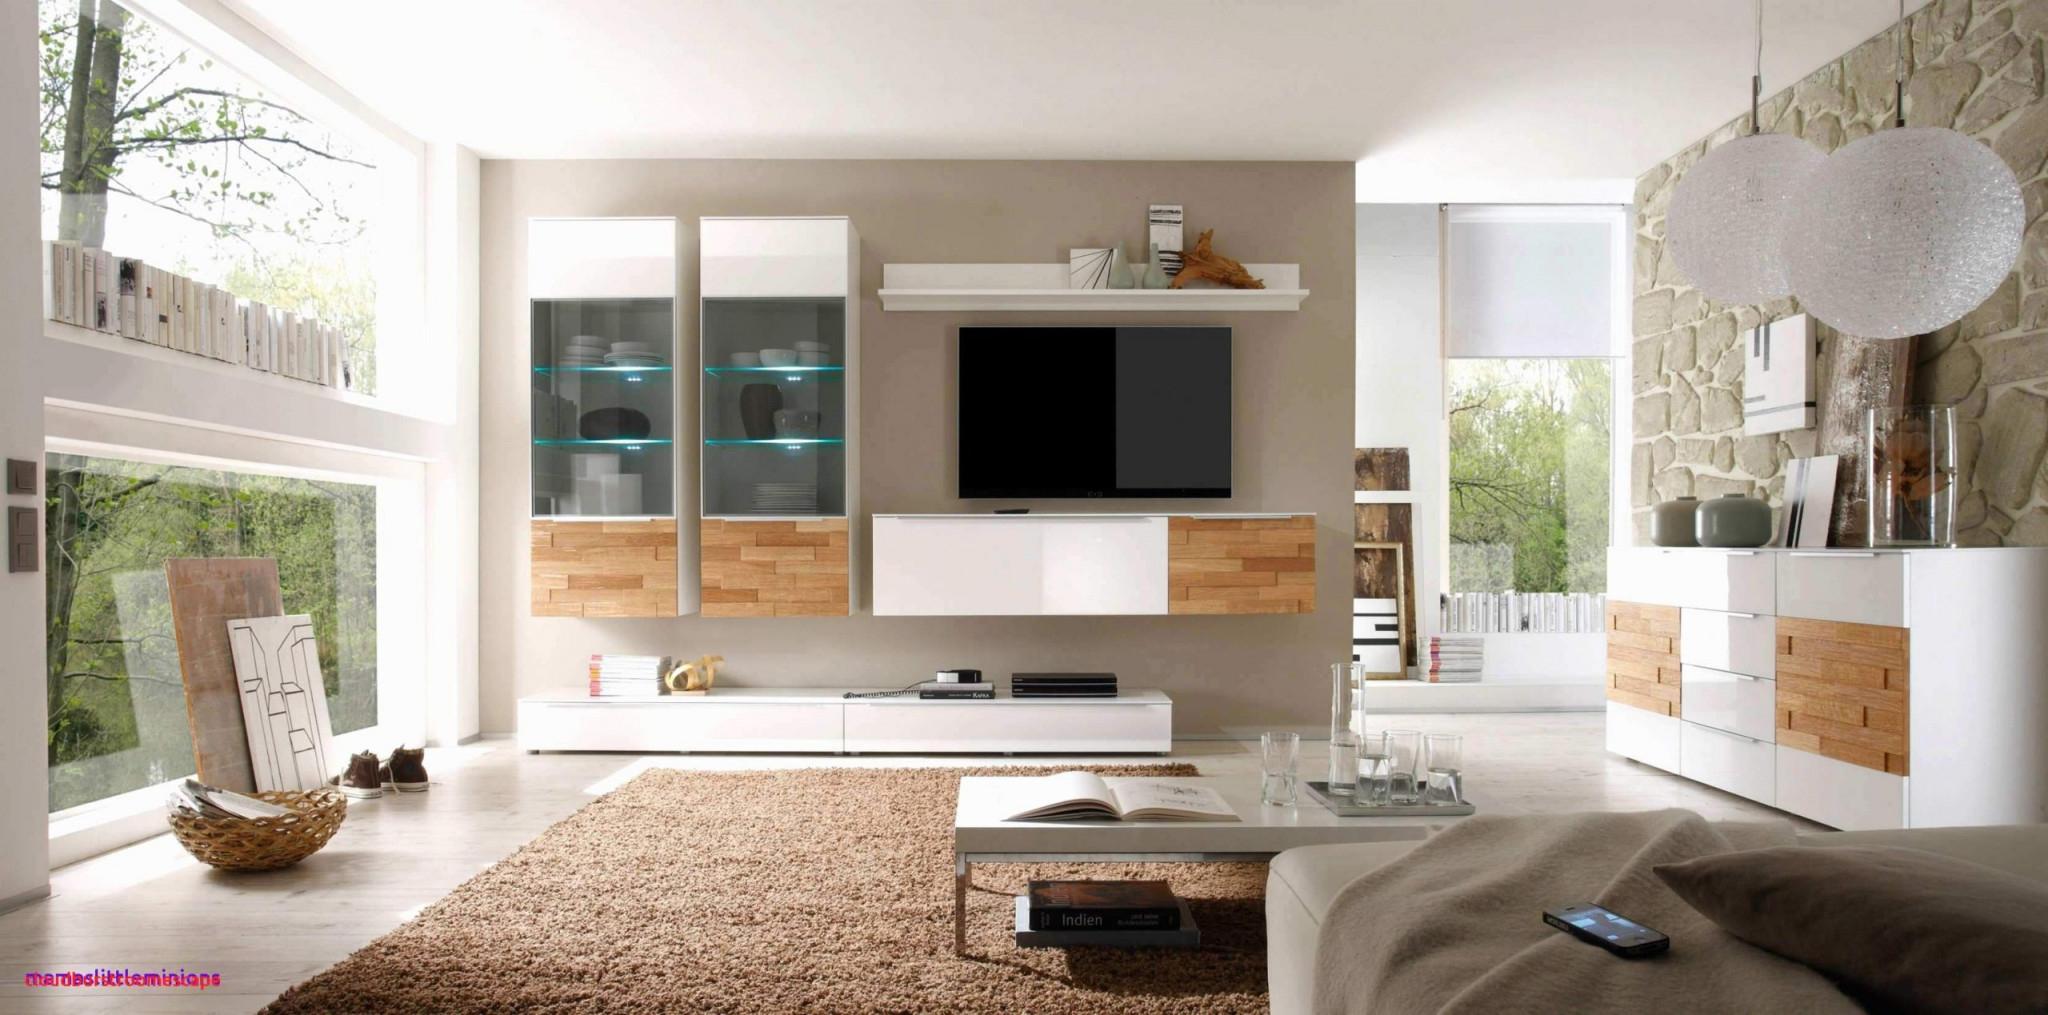 Wohnzimmer Einrichten 3D Genial 50 Tolle Von Kleines von Kleines Wohnzimmer Einrichten Ideen Photo